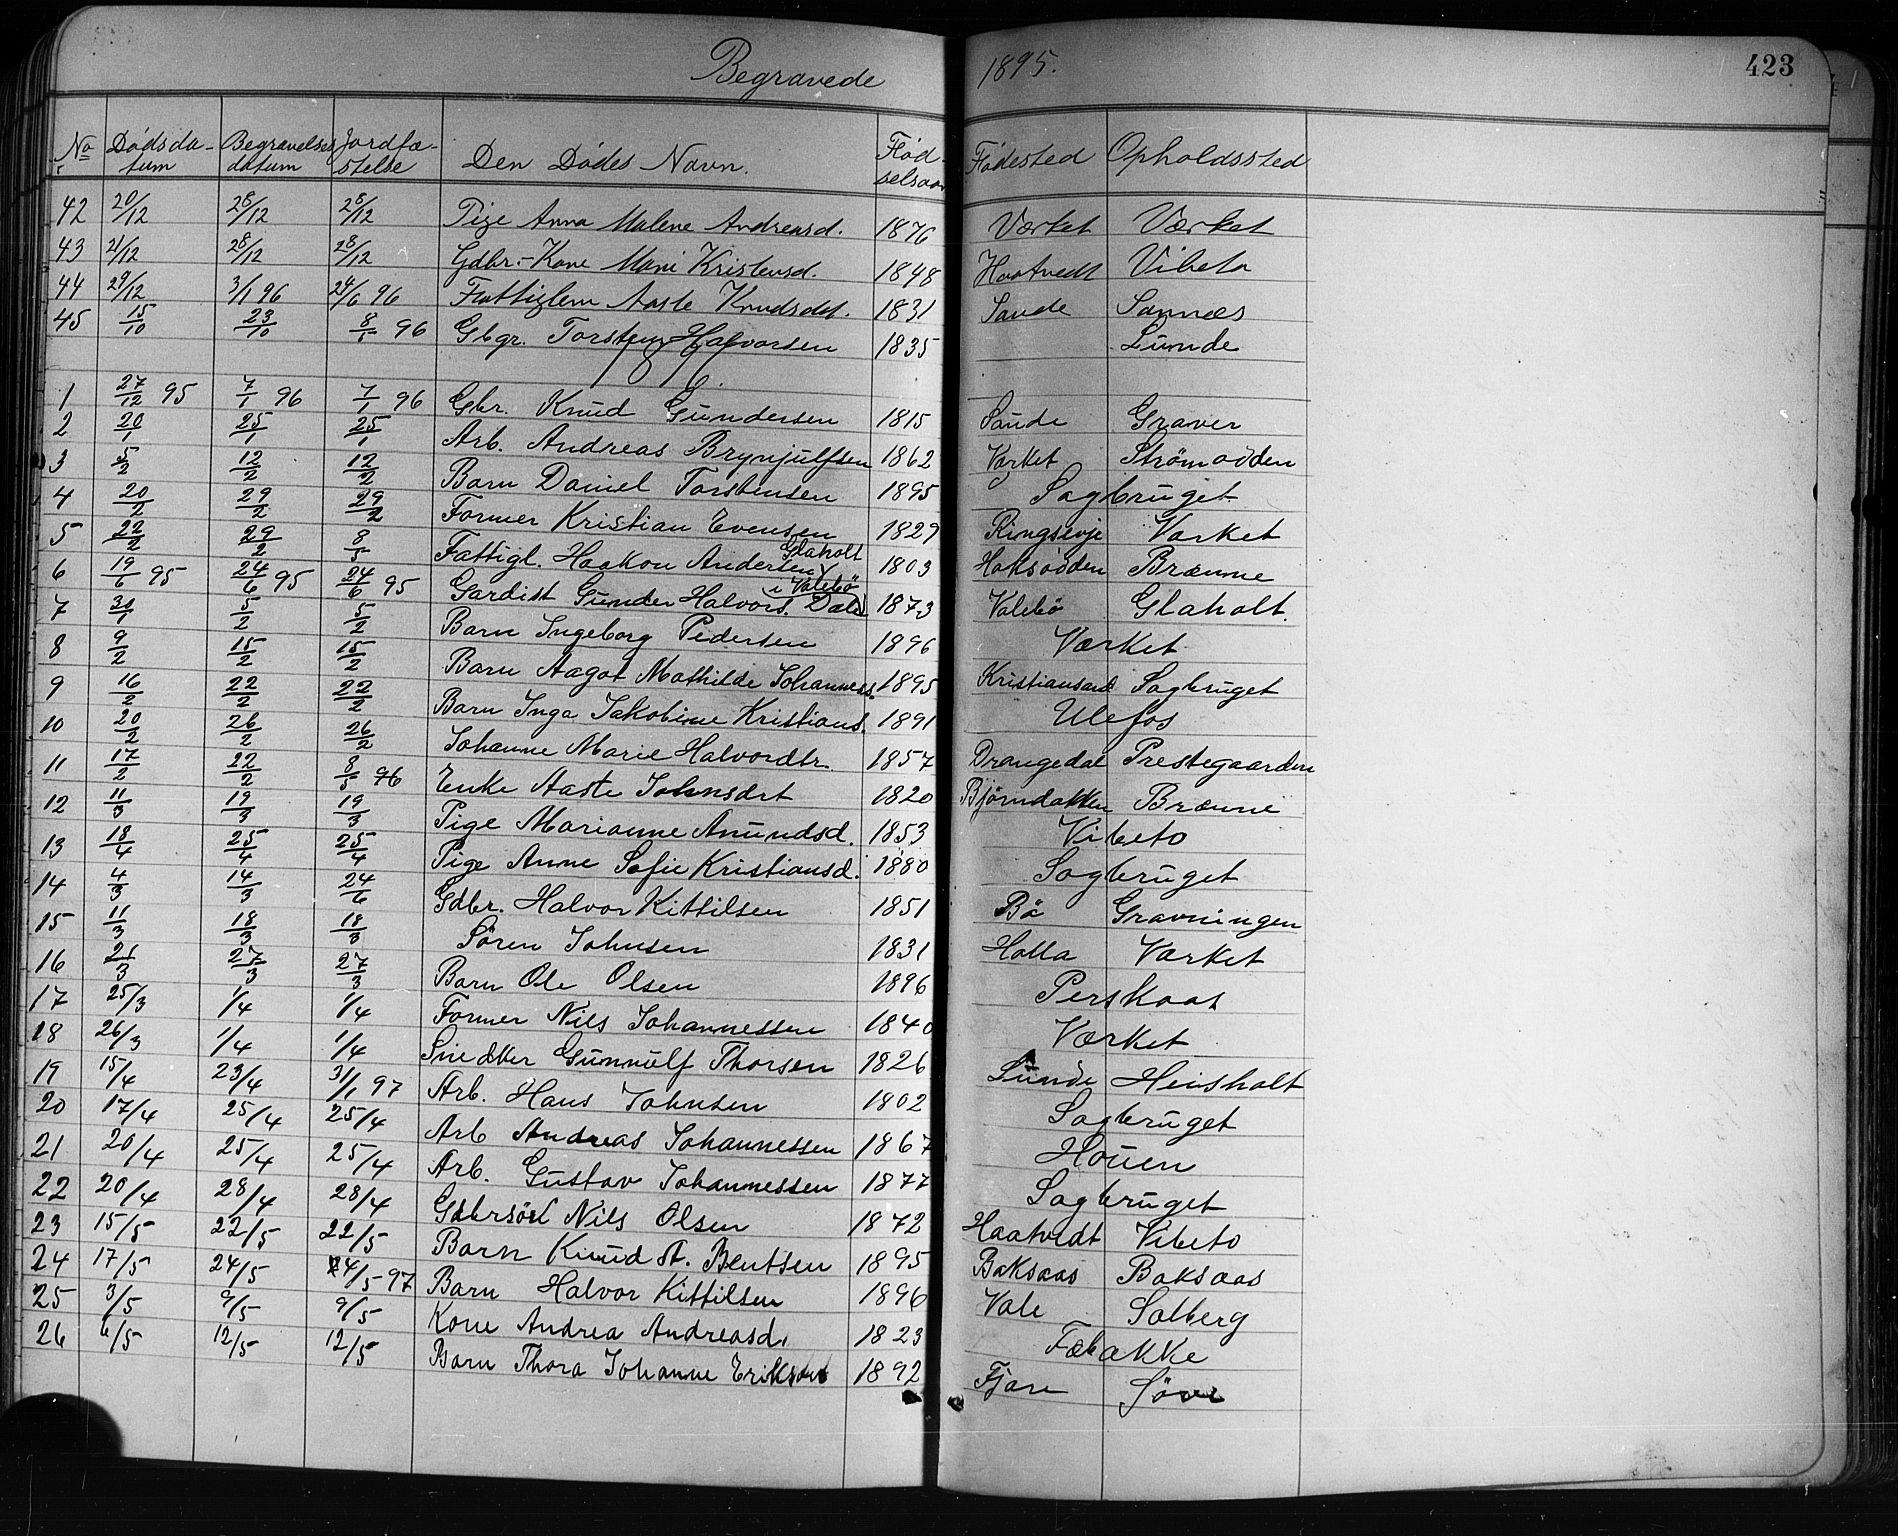 SAKO, Holla kirkebøker, G/Ga/L0005: Klokkerbok nr. I 5, 1891-1917, s. 423